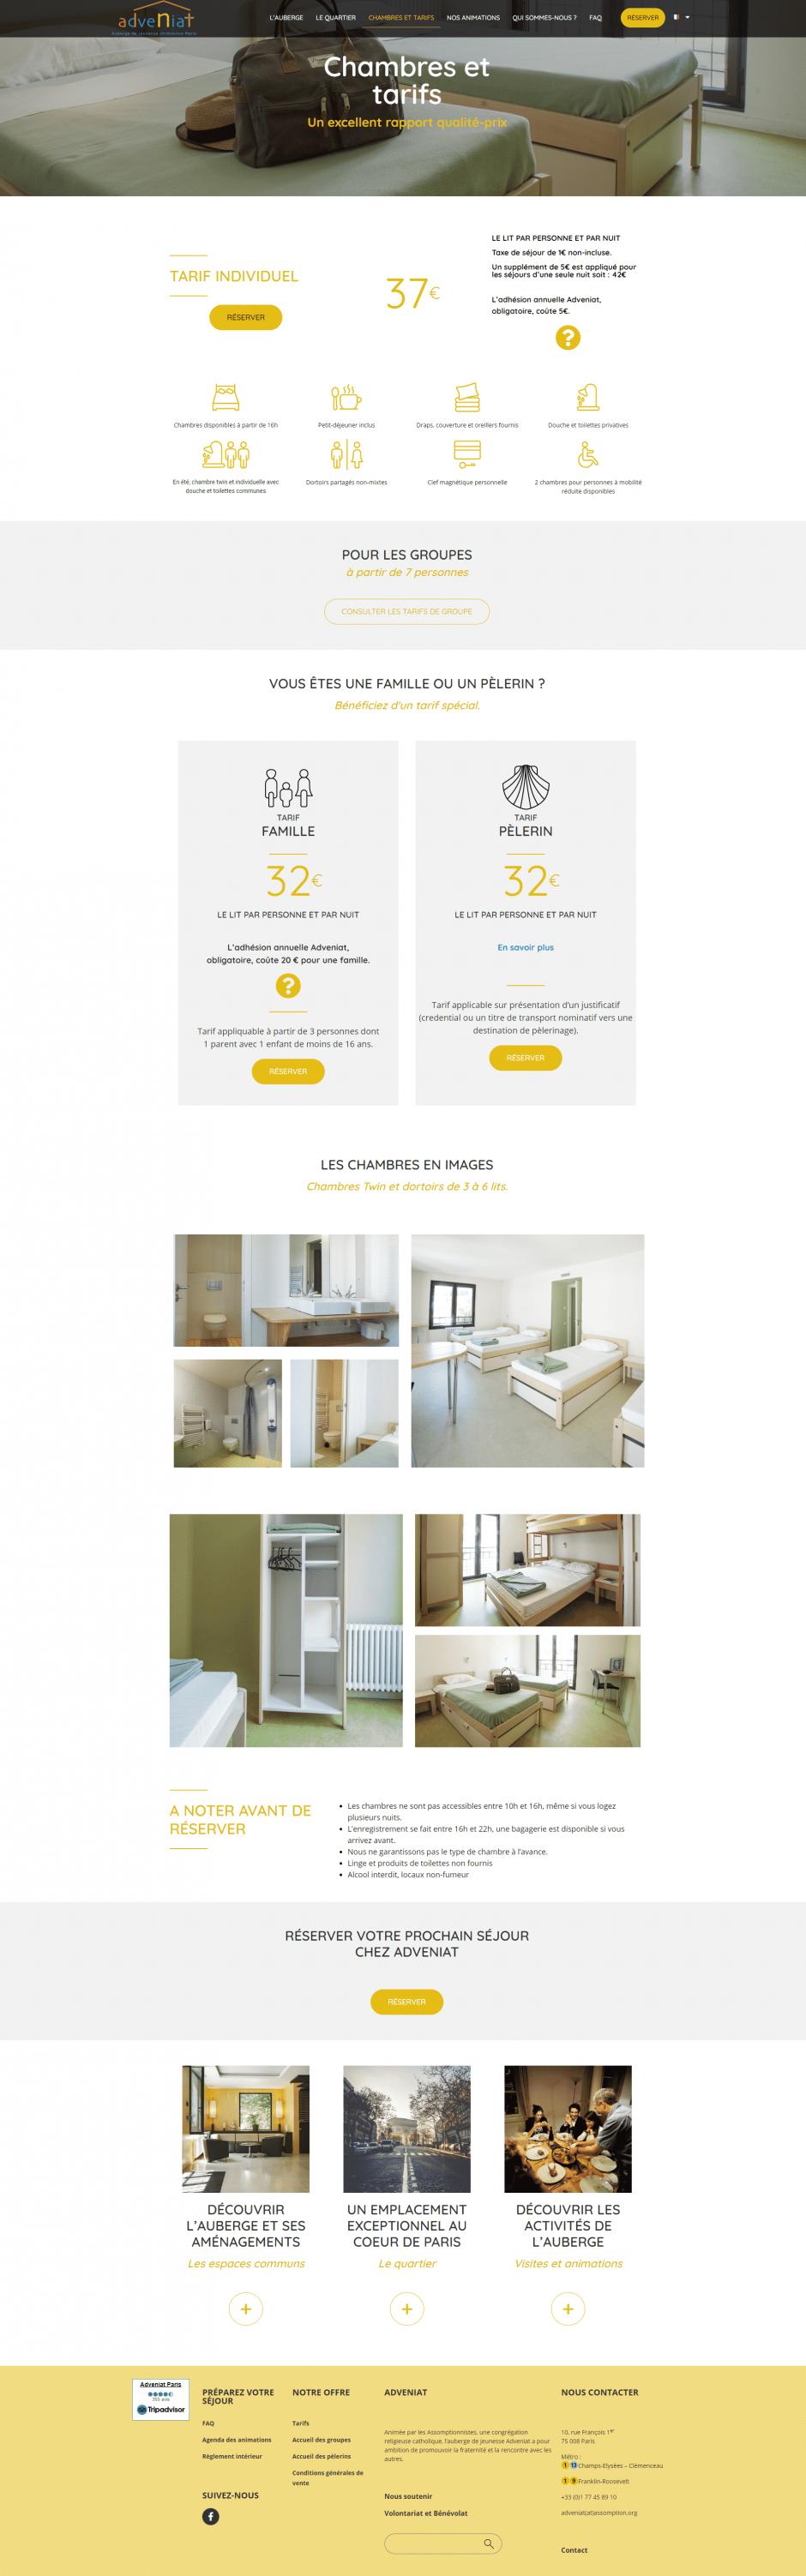 création thème WordPress site internet - MD Webdesigner